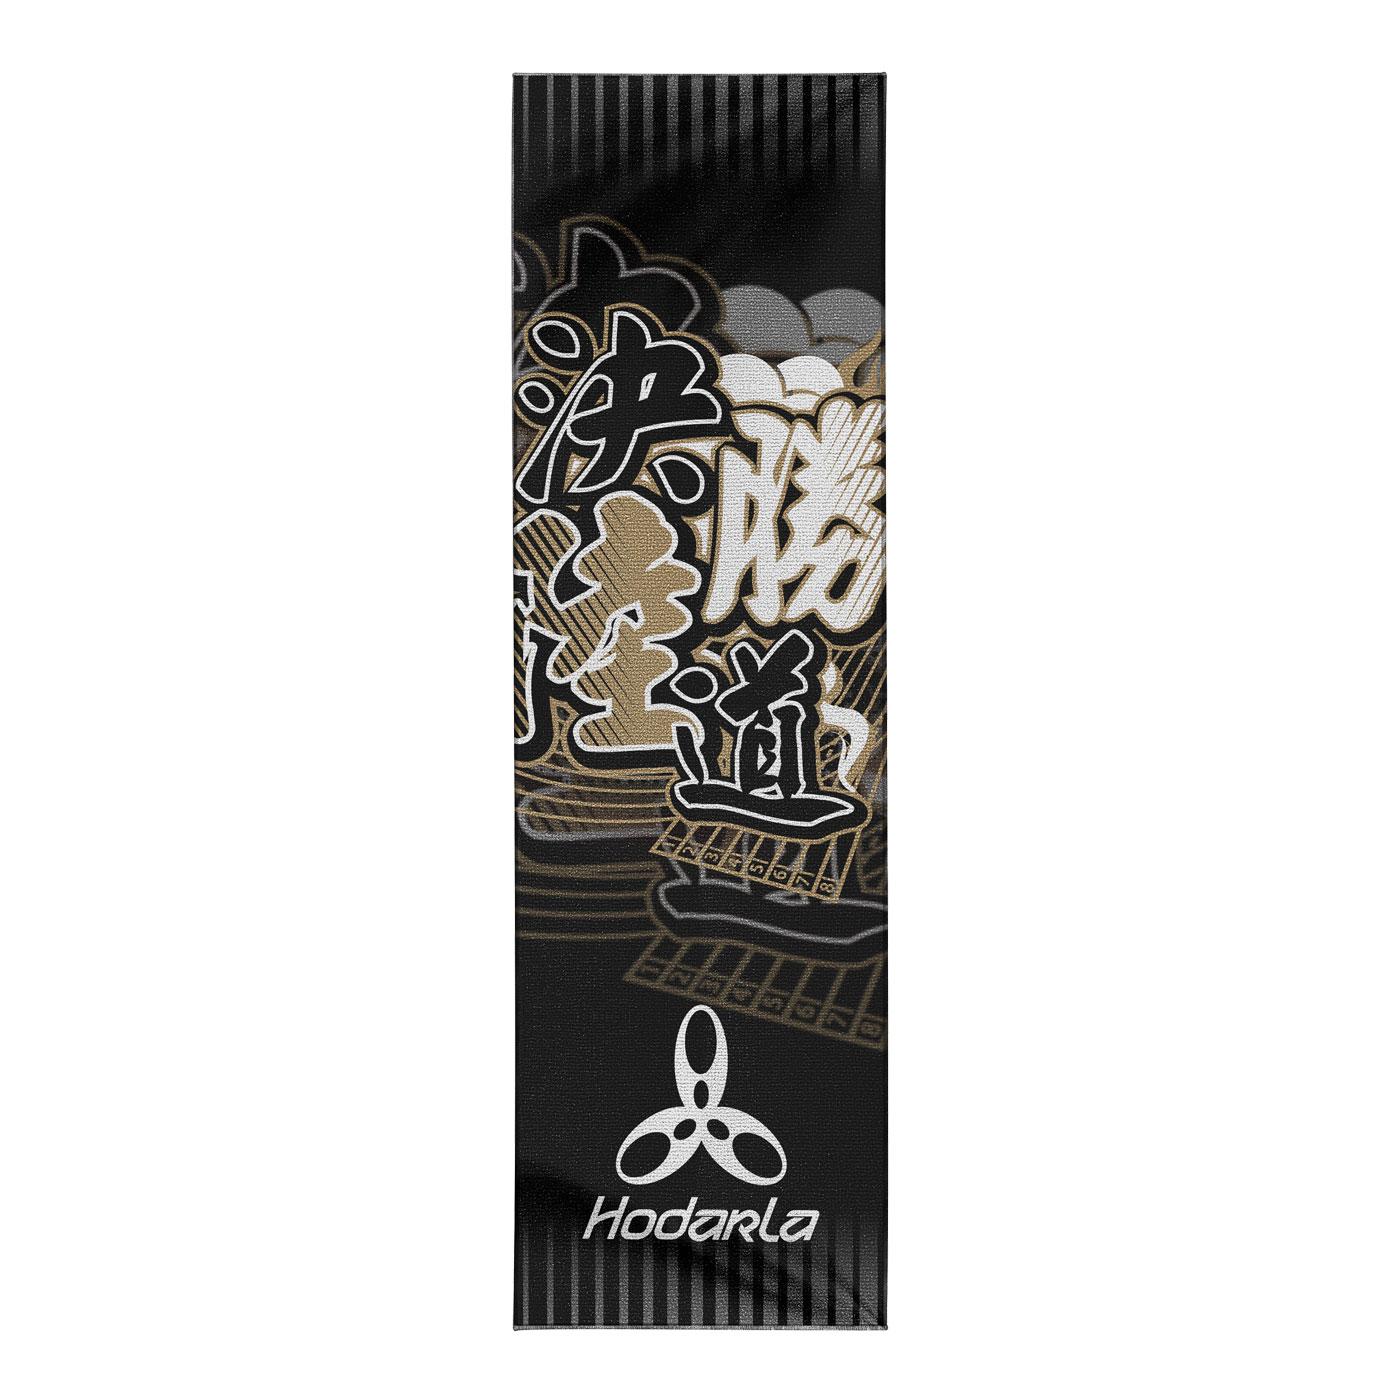 HODARLA 2021青年盃Hodarla Plus毛巾-決勝陸道 3160601 - 黑金白